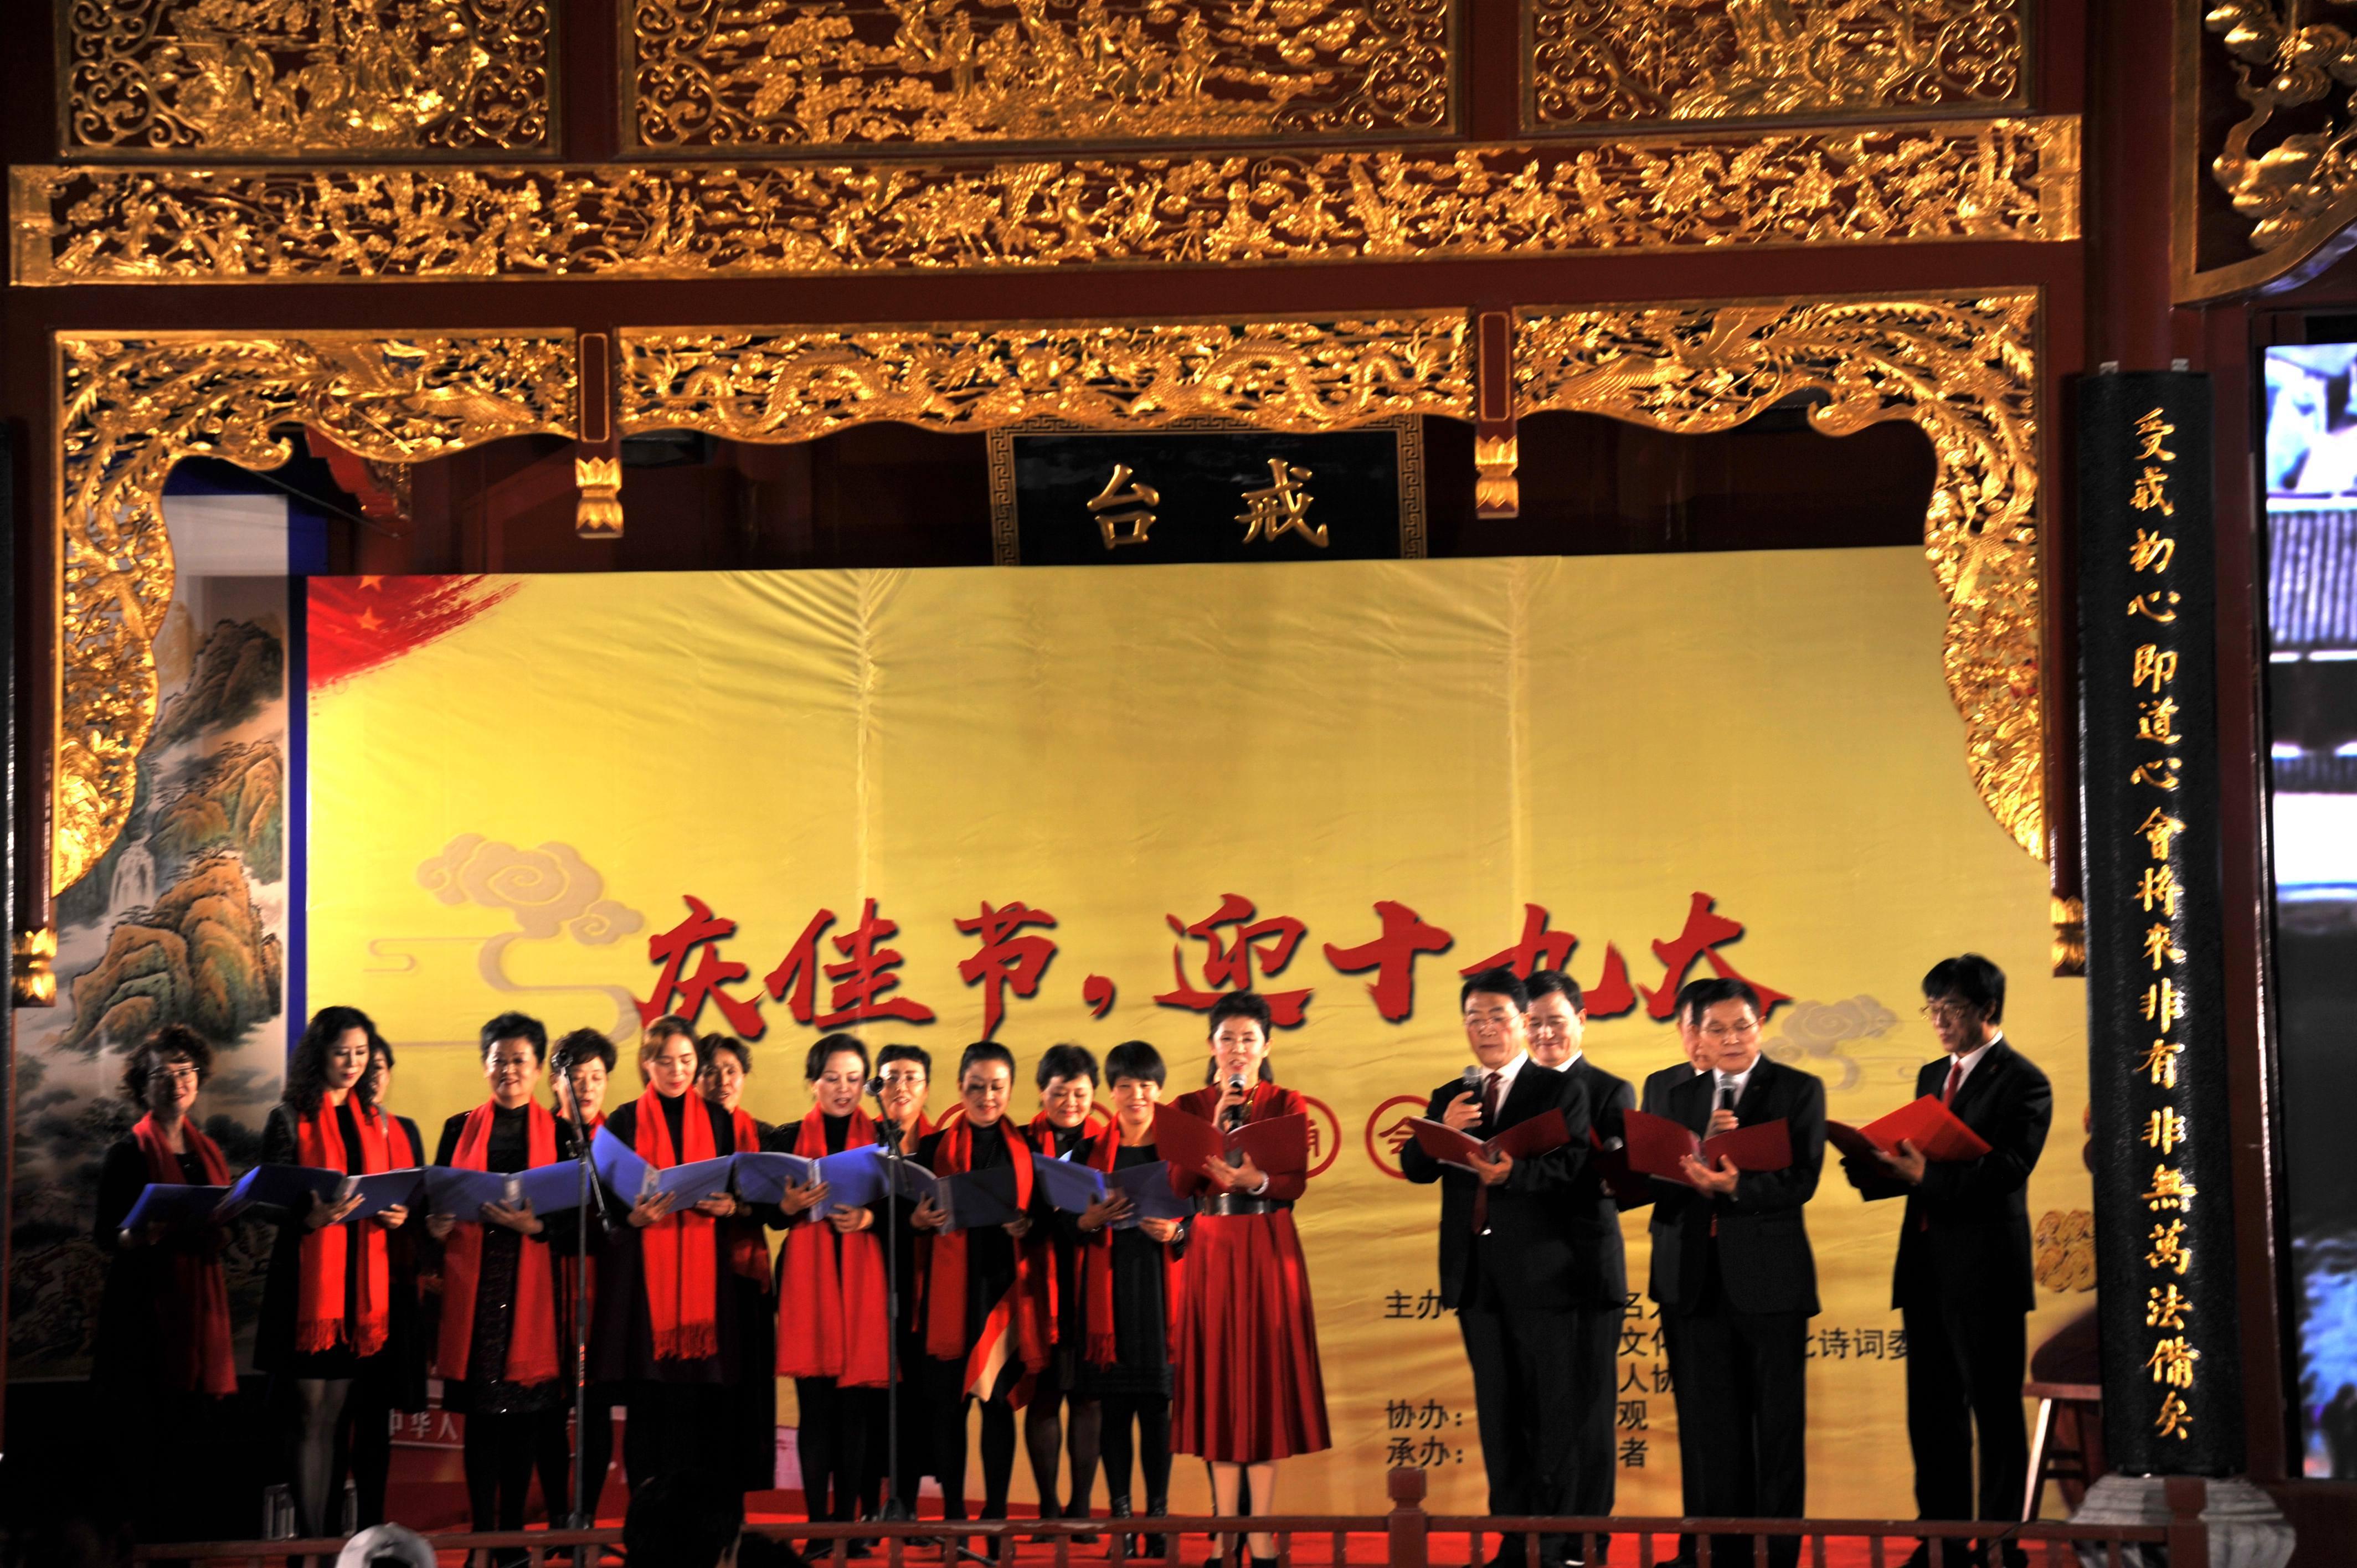 欢庆佳节,赞美祖国:武汉长春观举行诗歌朗诵会